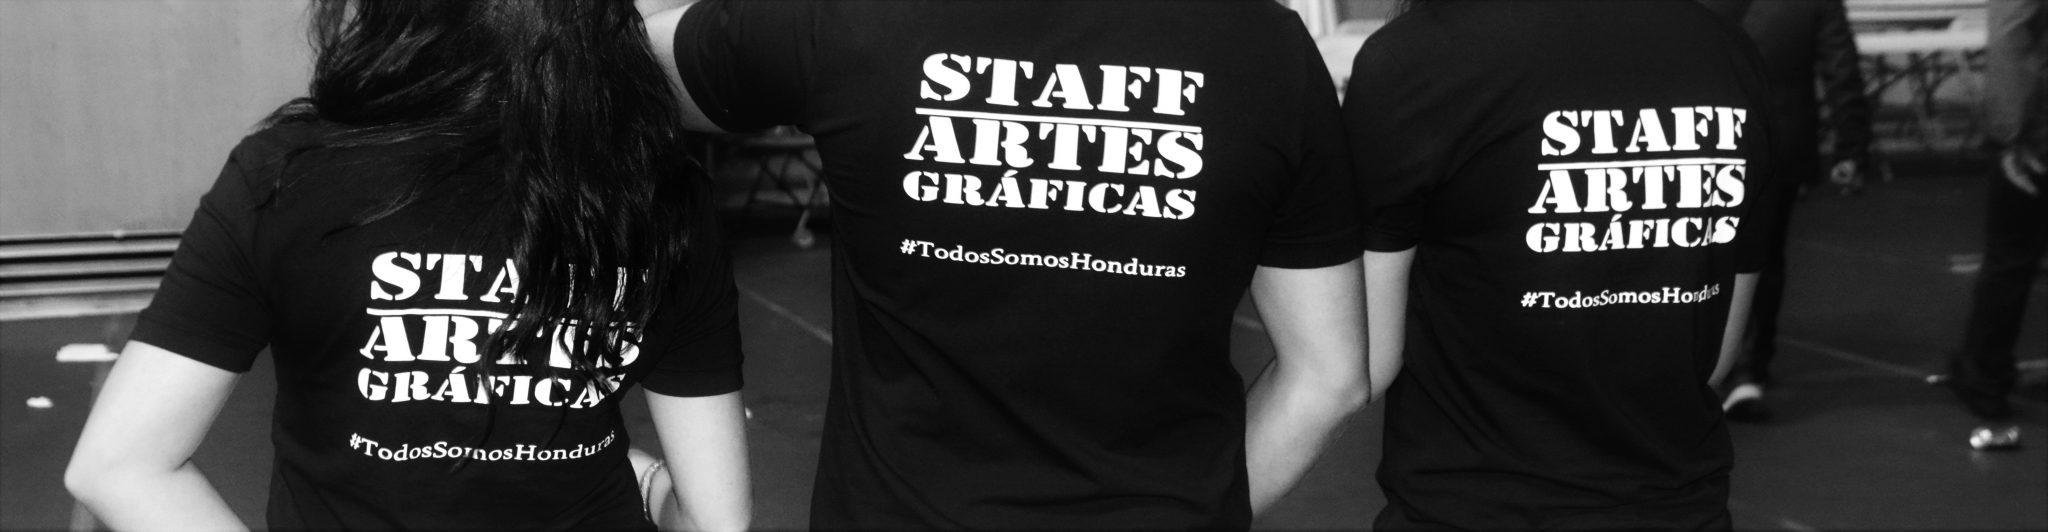 Staff de Artes Graficas 504 Cabecera